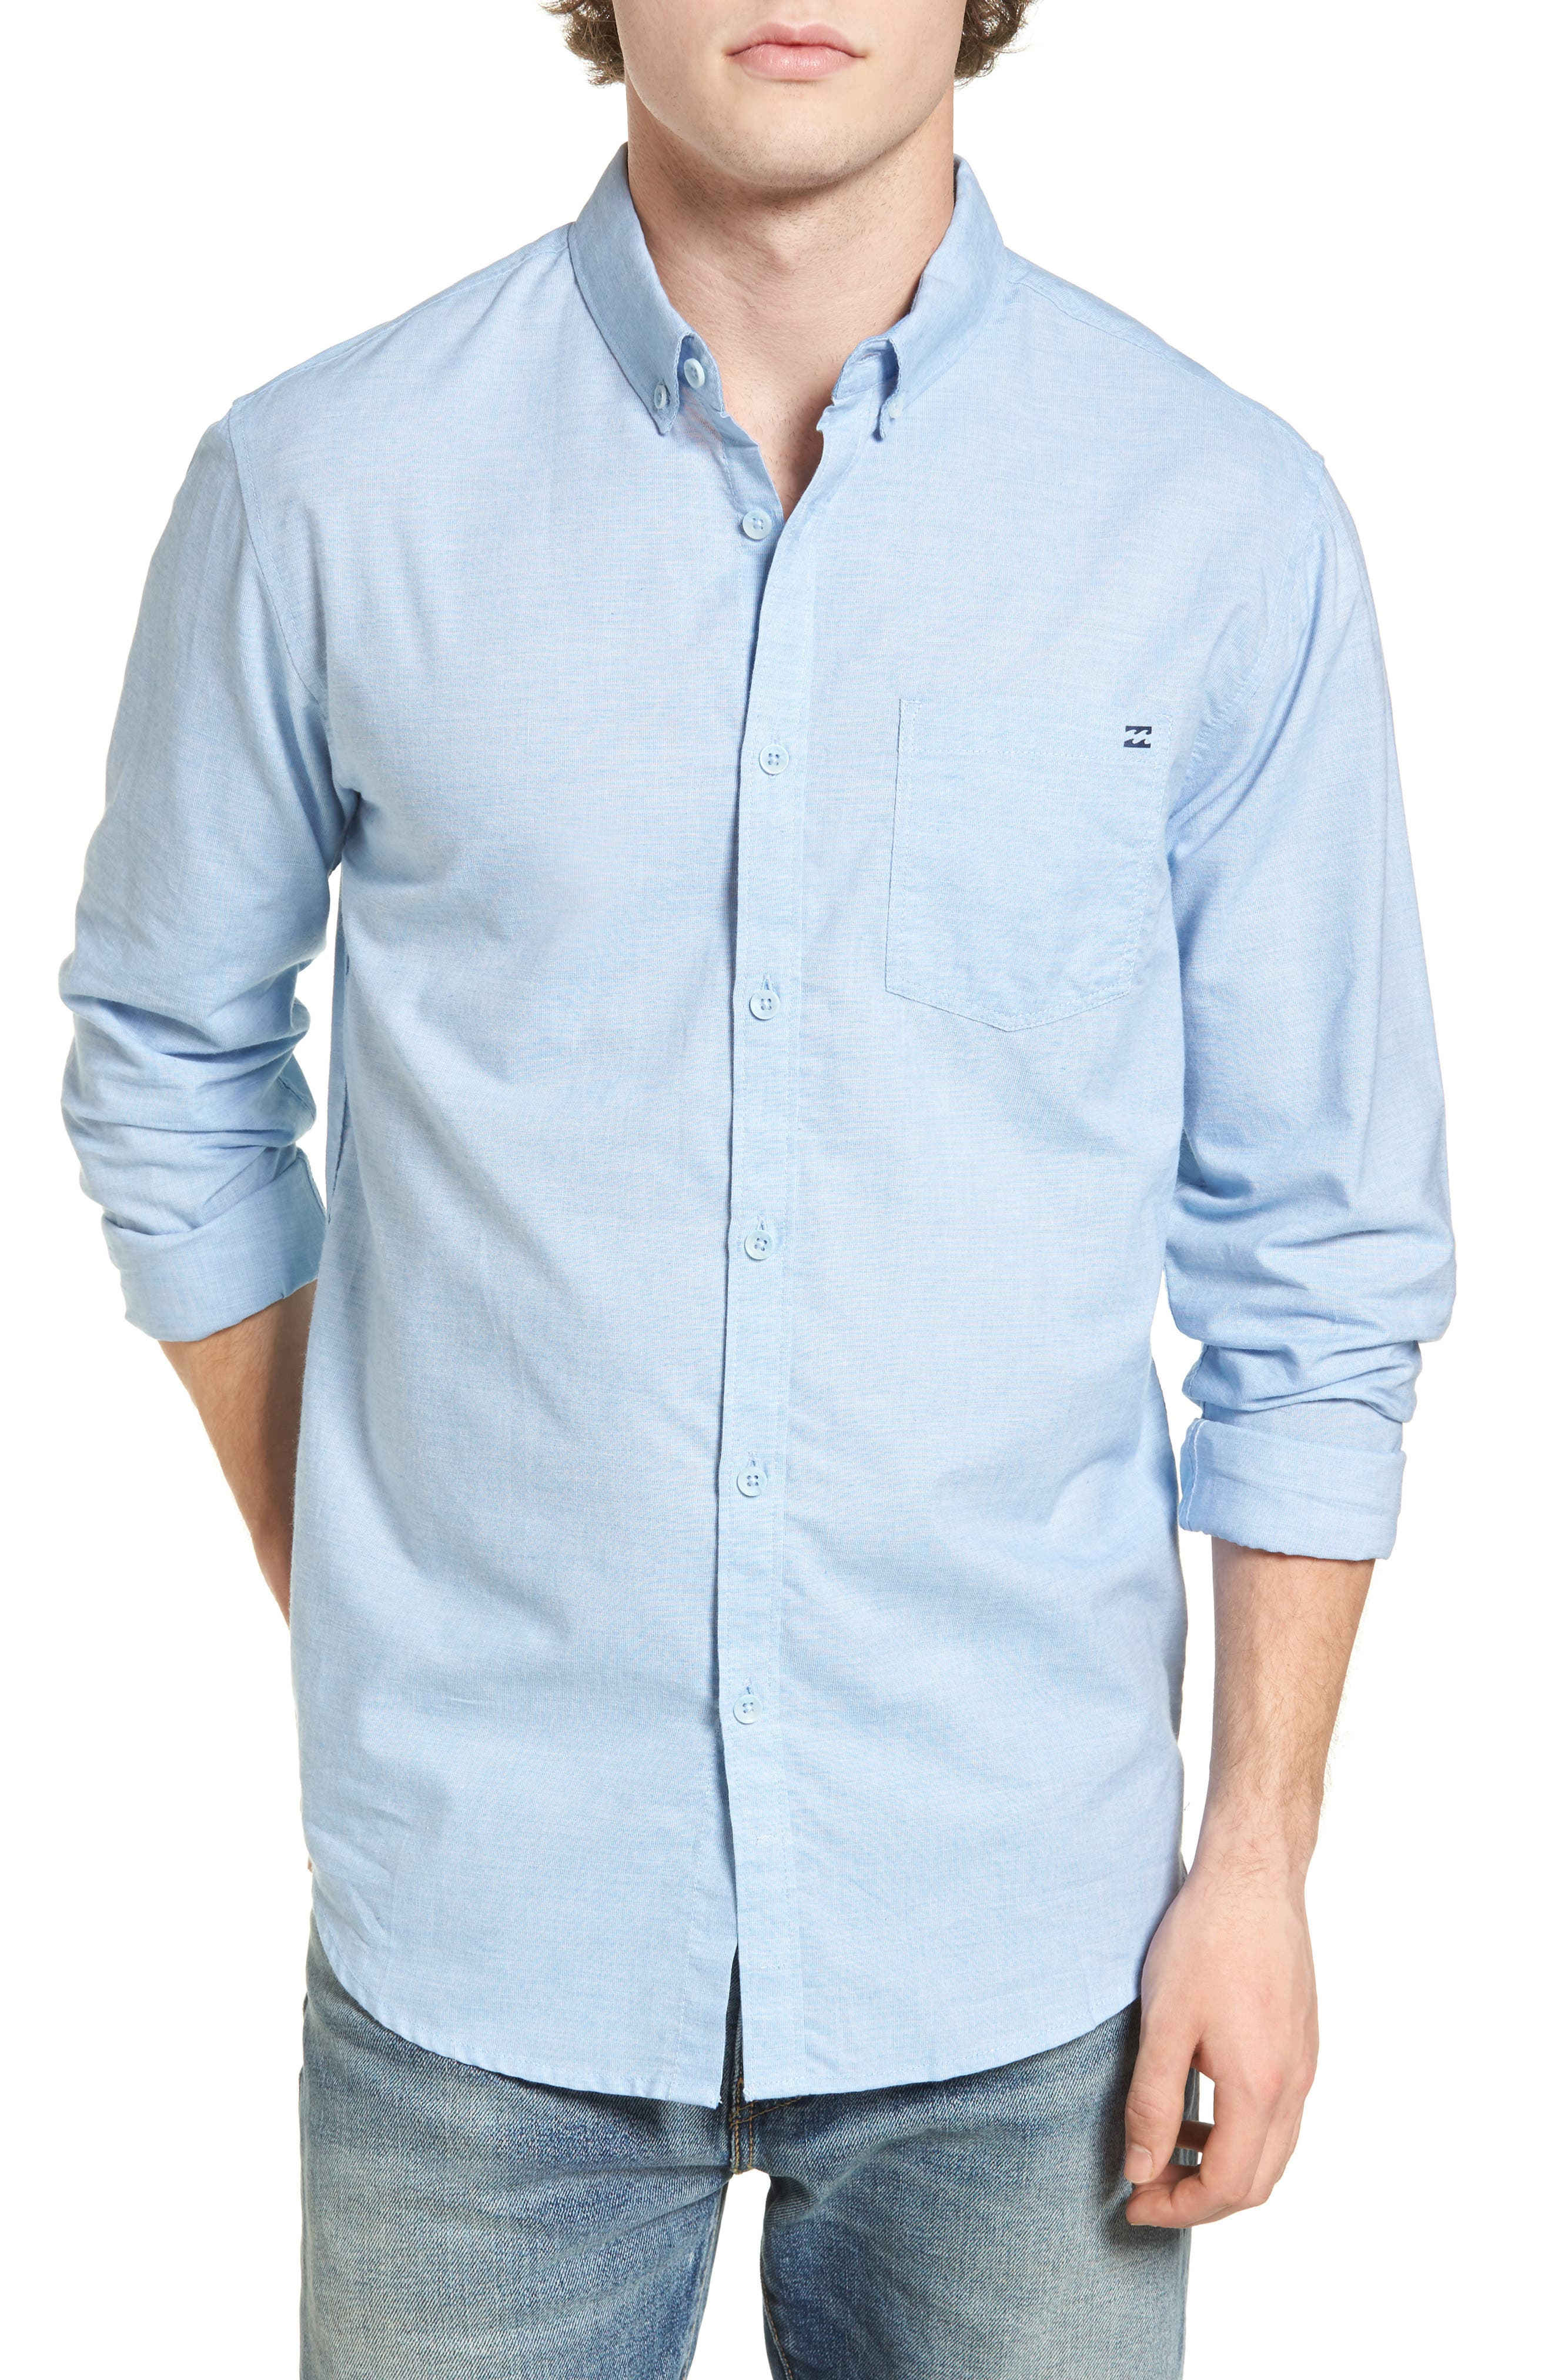 Main Image - Billabong All Day Chambray Shirt